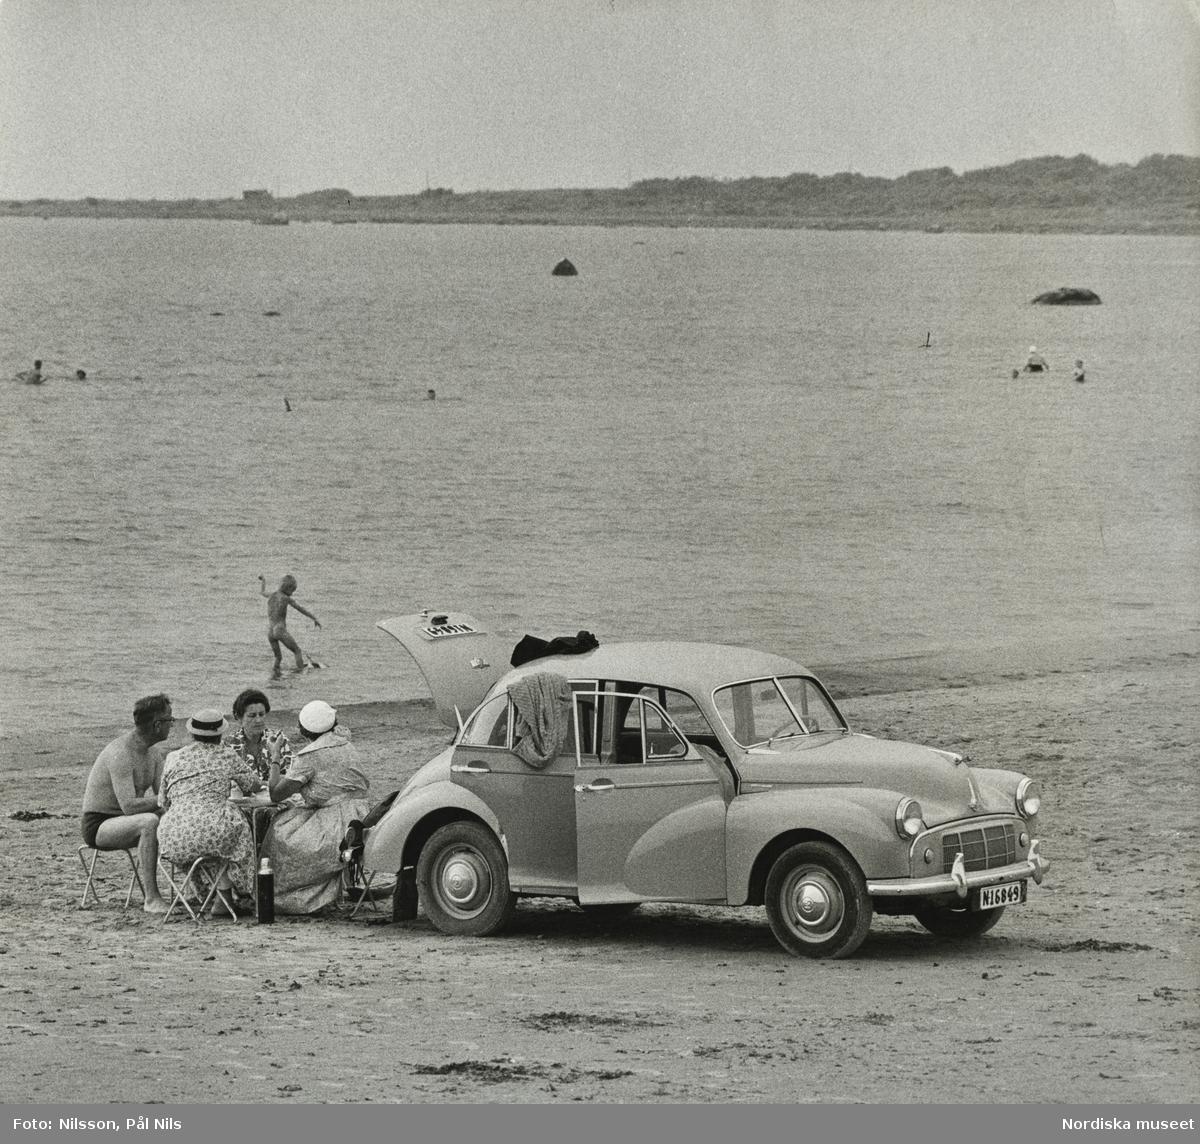 En bil, Morris Minor, parkerad på badstrand vid Frösakull, Halland. Tre kvinnor och en man sitter vid picknickbord, badande pojke i bakgrunden.